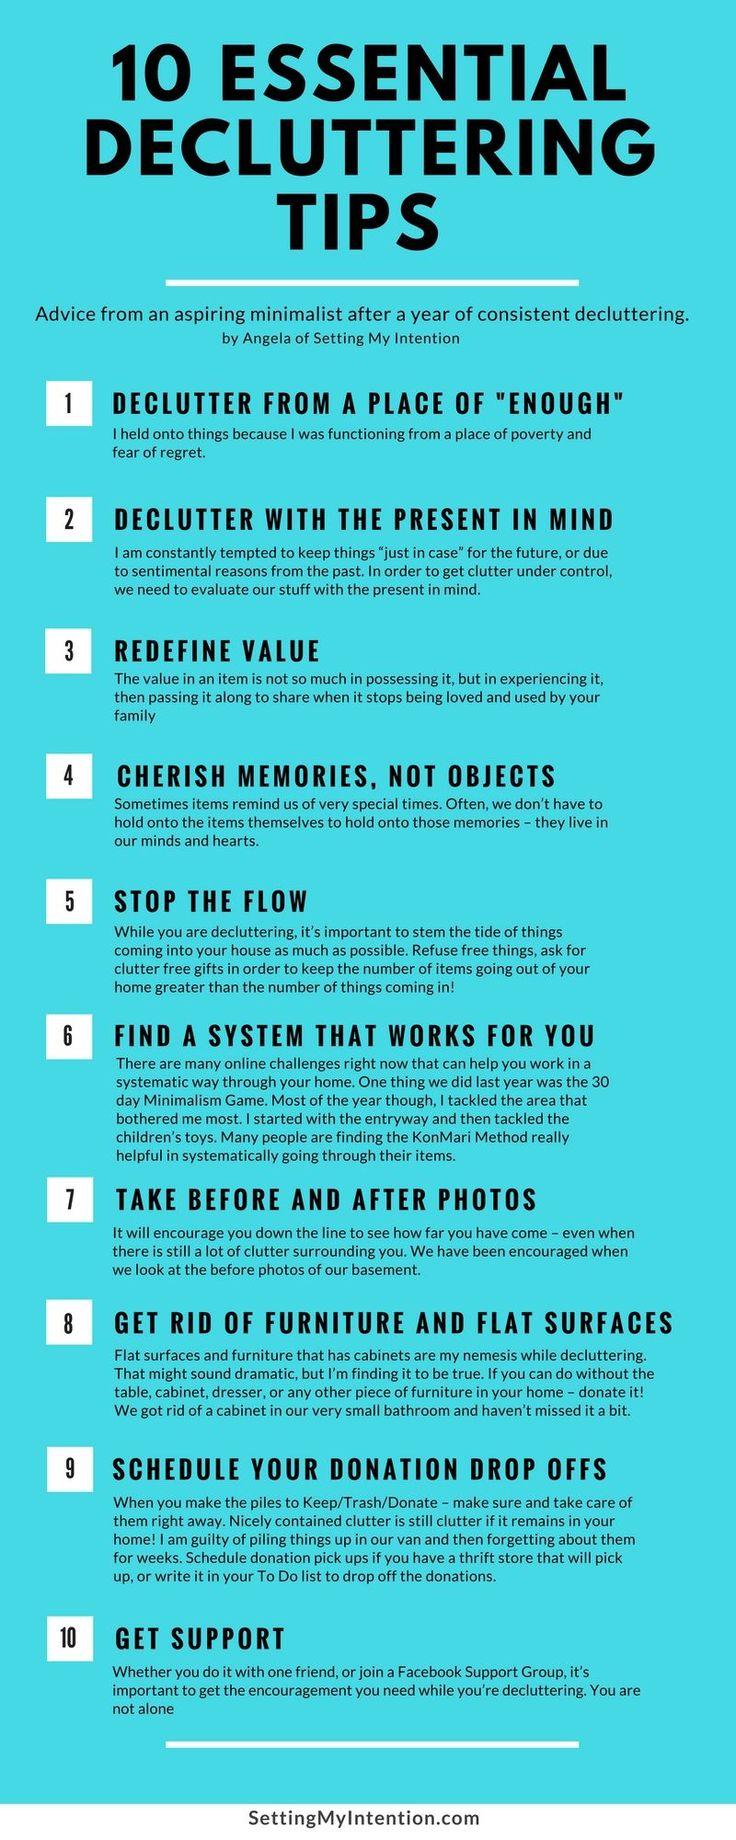 10 essential decluttering tips